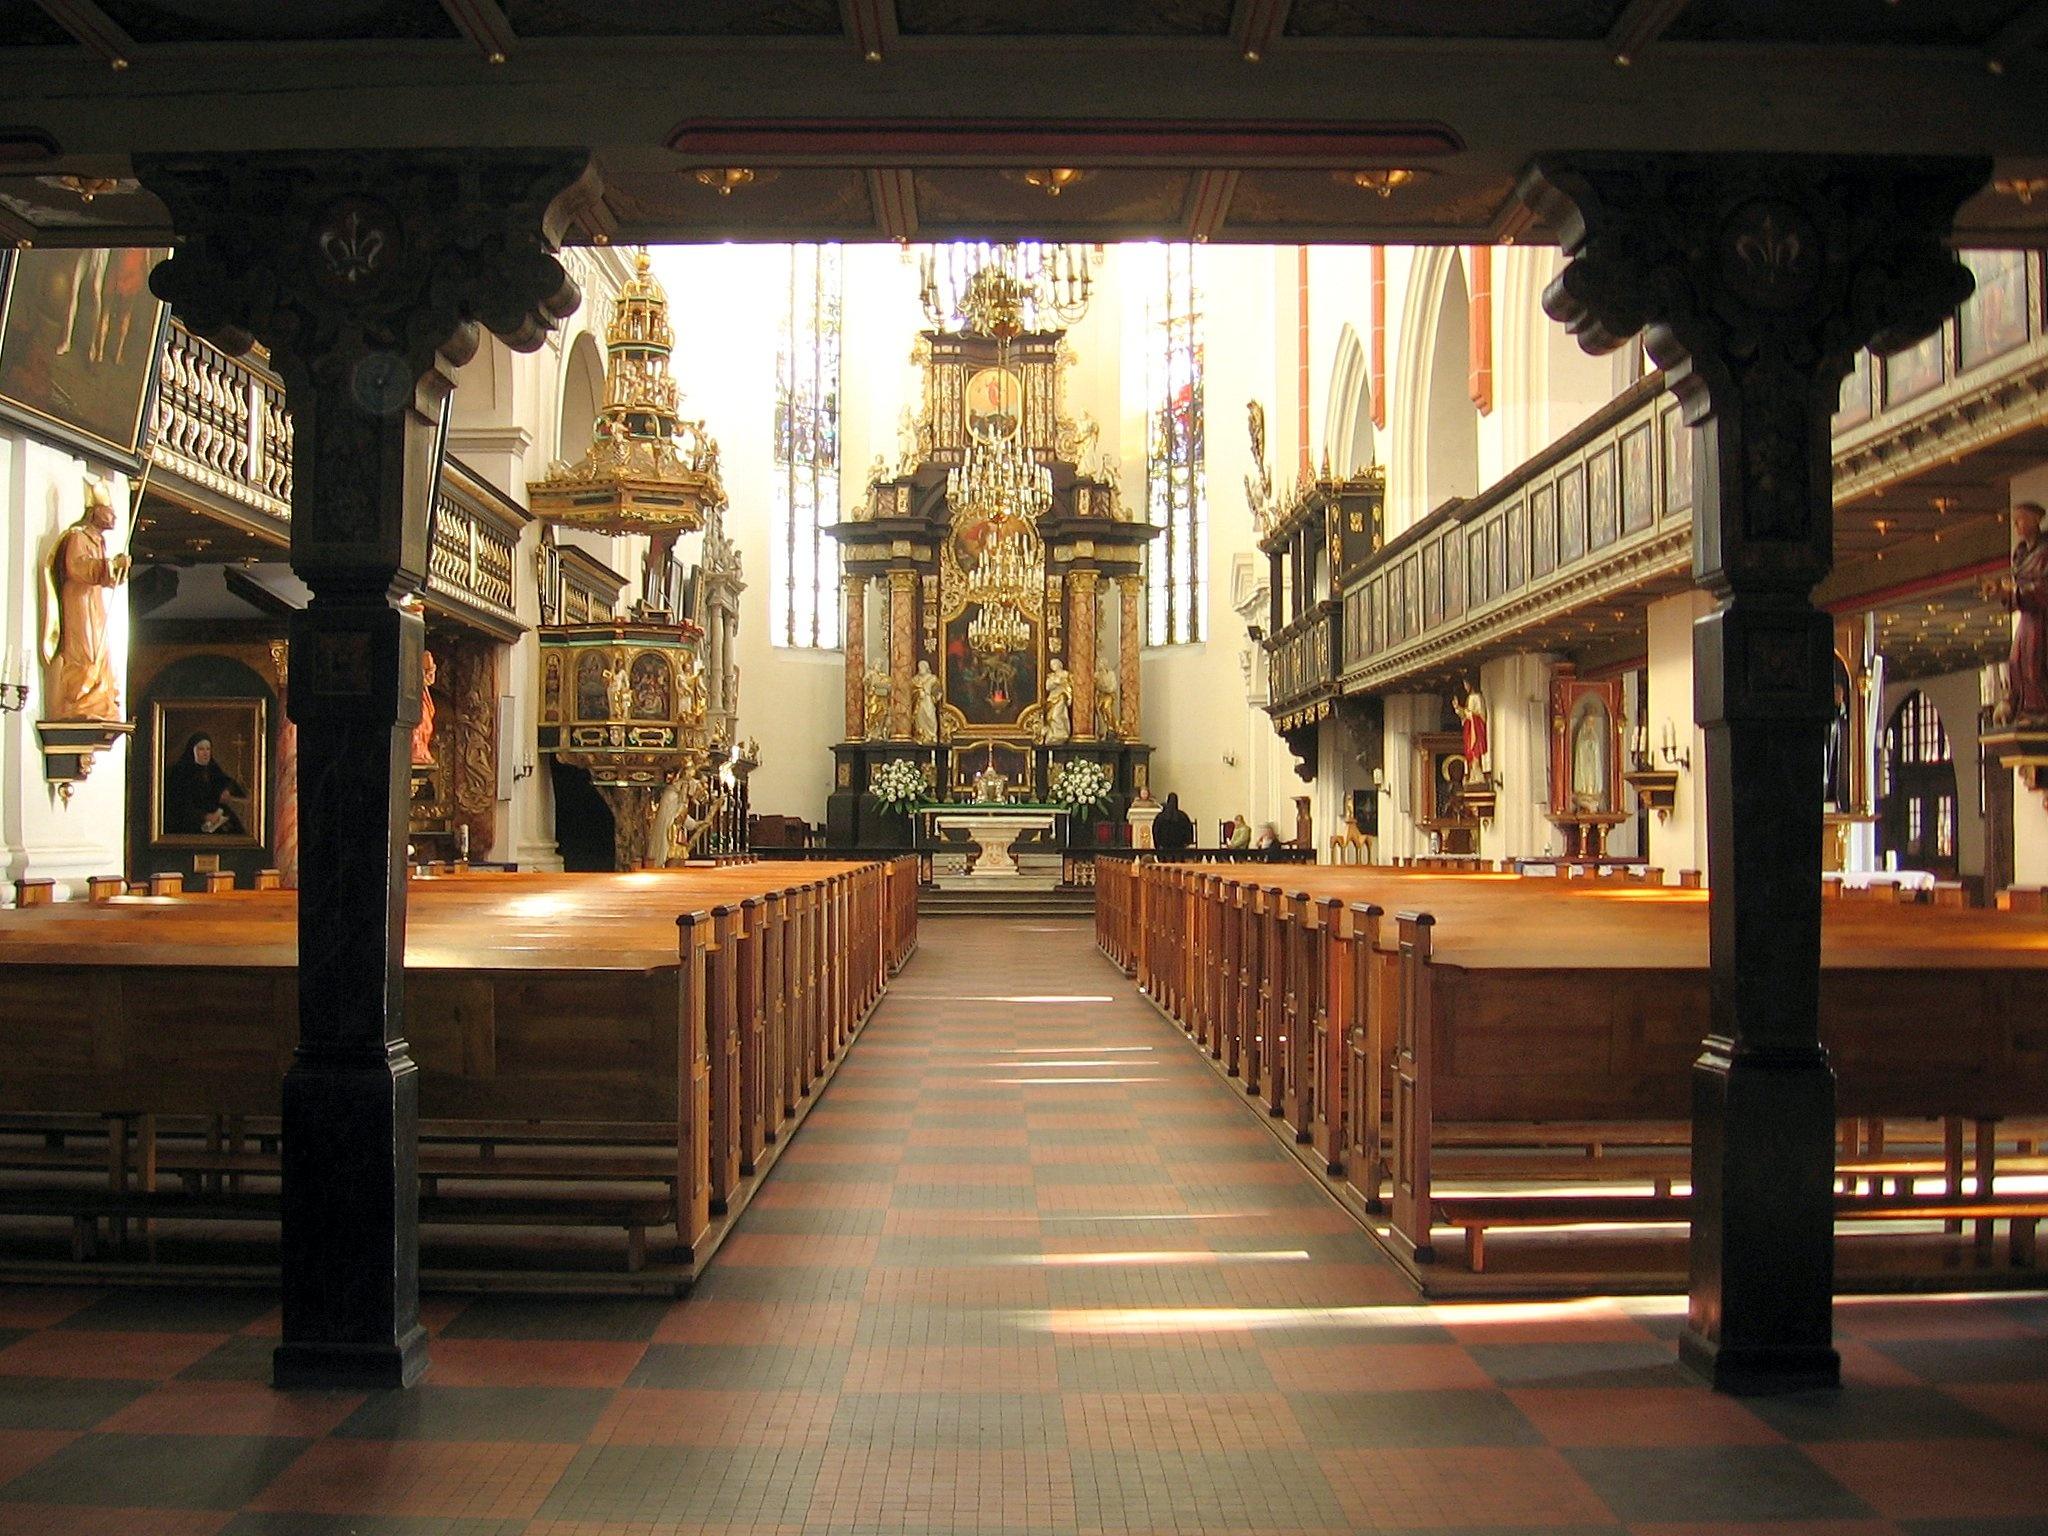 File:Olesnica-kosciolSw.JanaEwangelisty.Apostola.jpg - Wikimedia ...